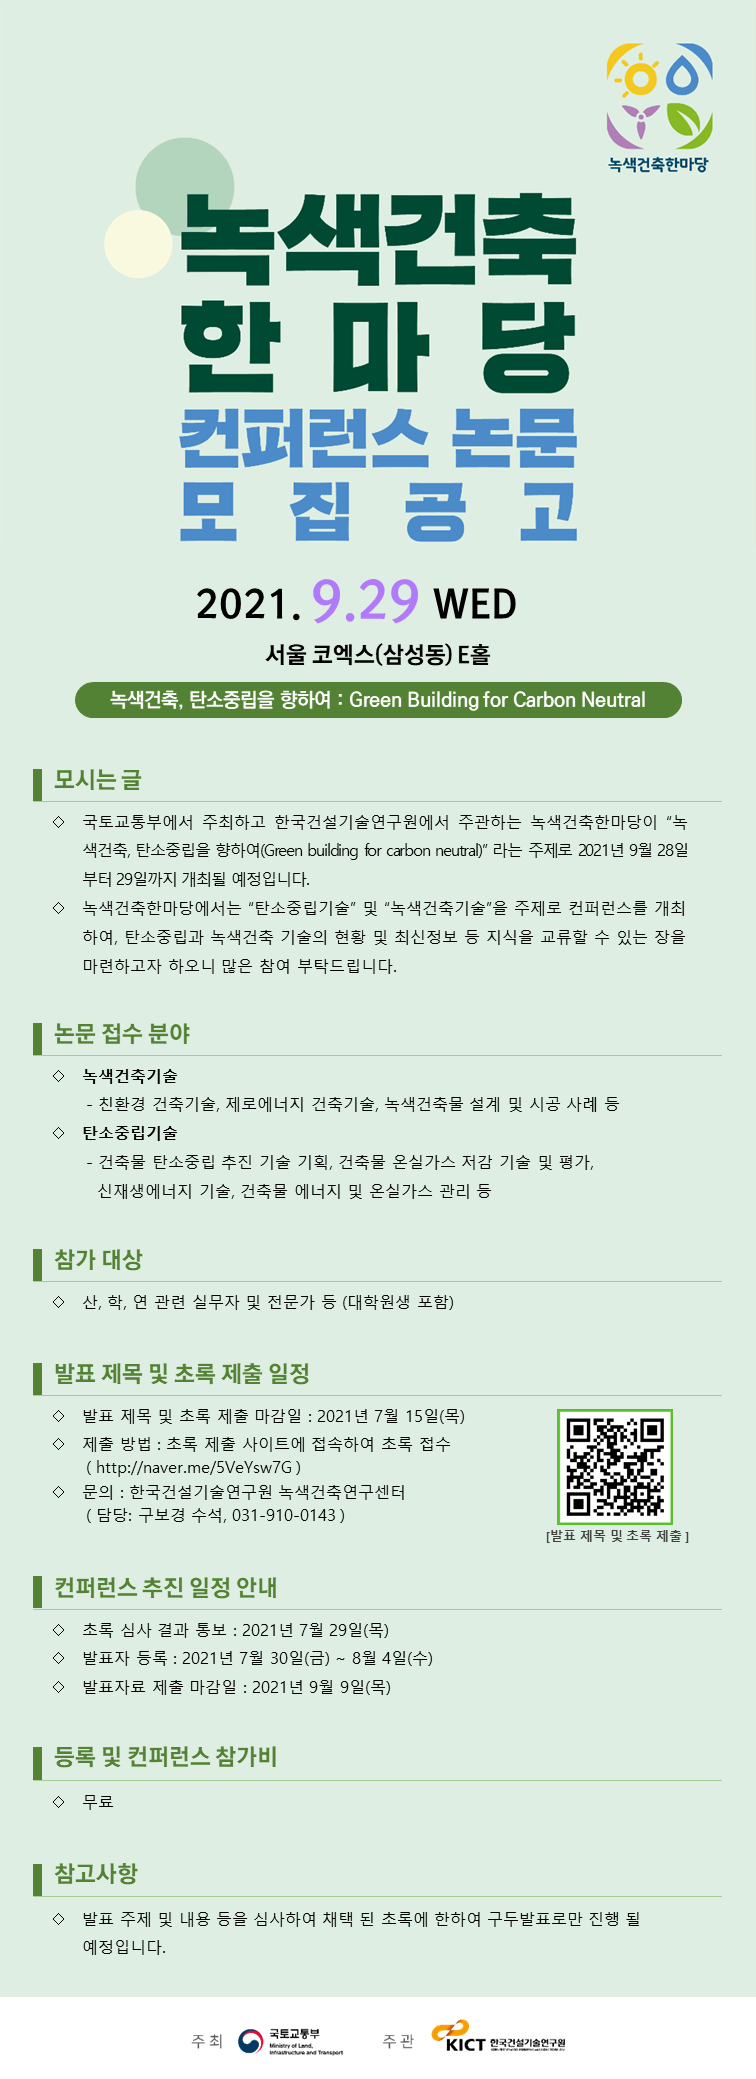 2021년 녹색건축한마당 컨퍼런스 발표 논문 모집 안내